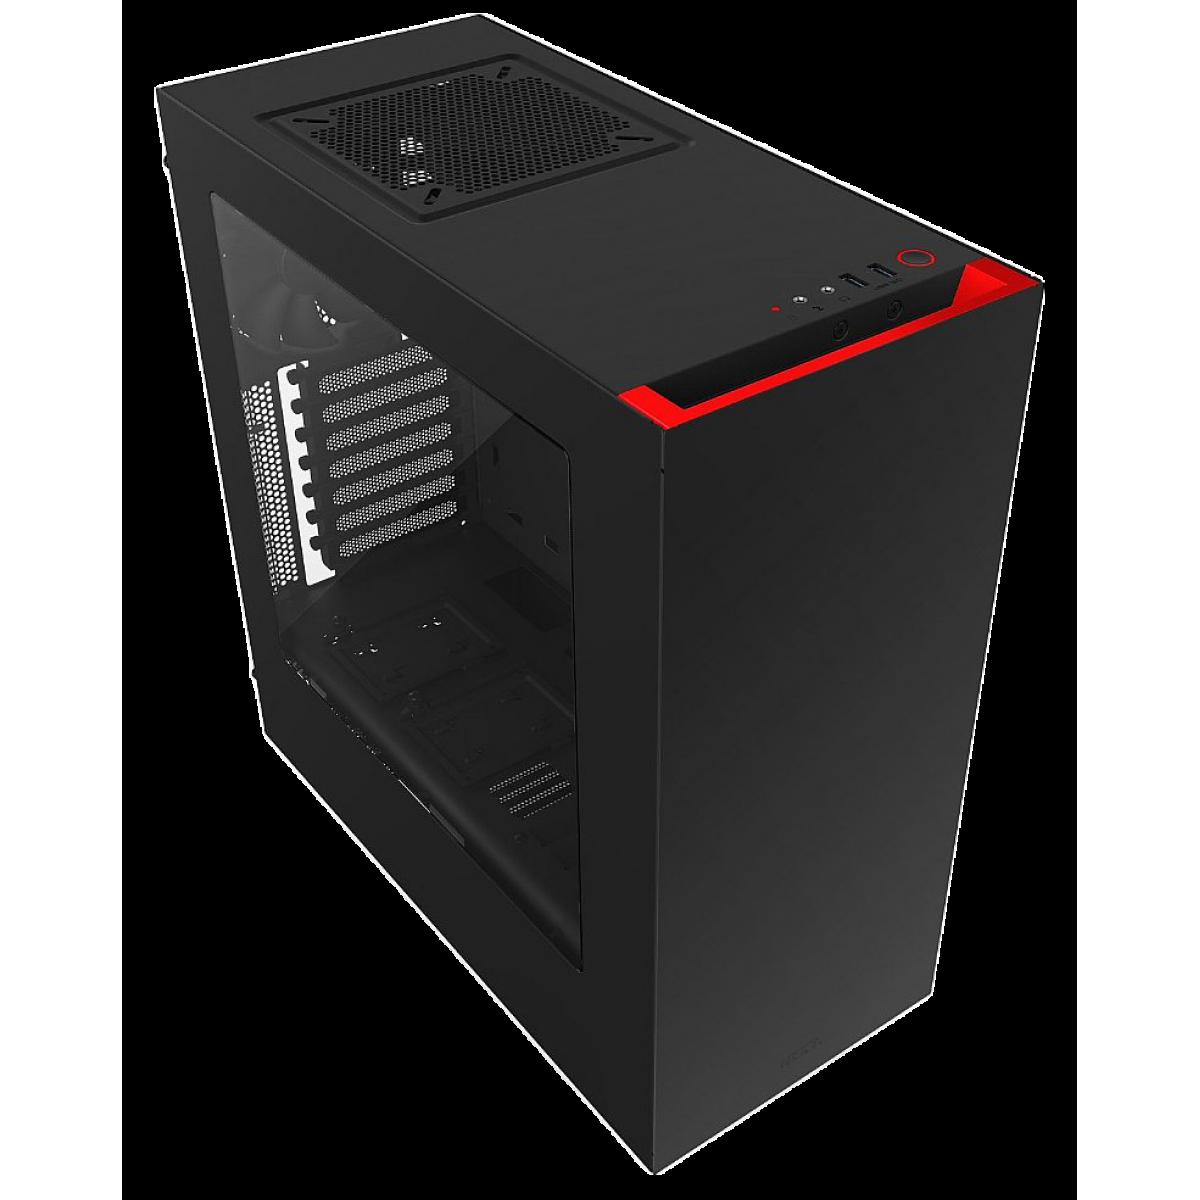 Gabinete Gamer NZXT S340, Mid Tower, Com 2 Fans, Vidro Temperado, Black-Red, Sem Fonte, CA-S340MB-GR